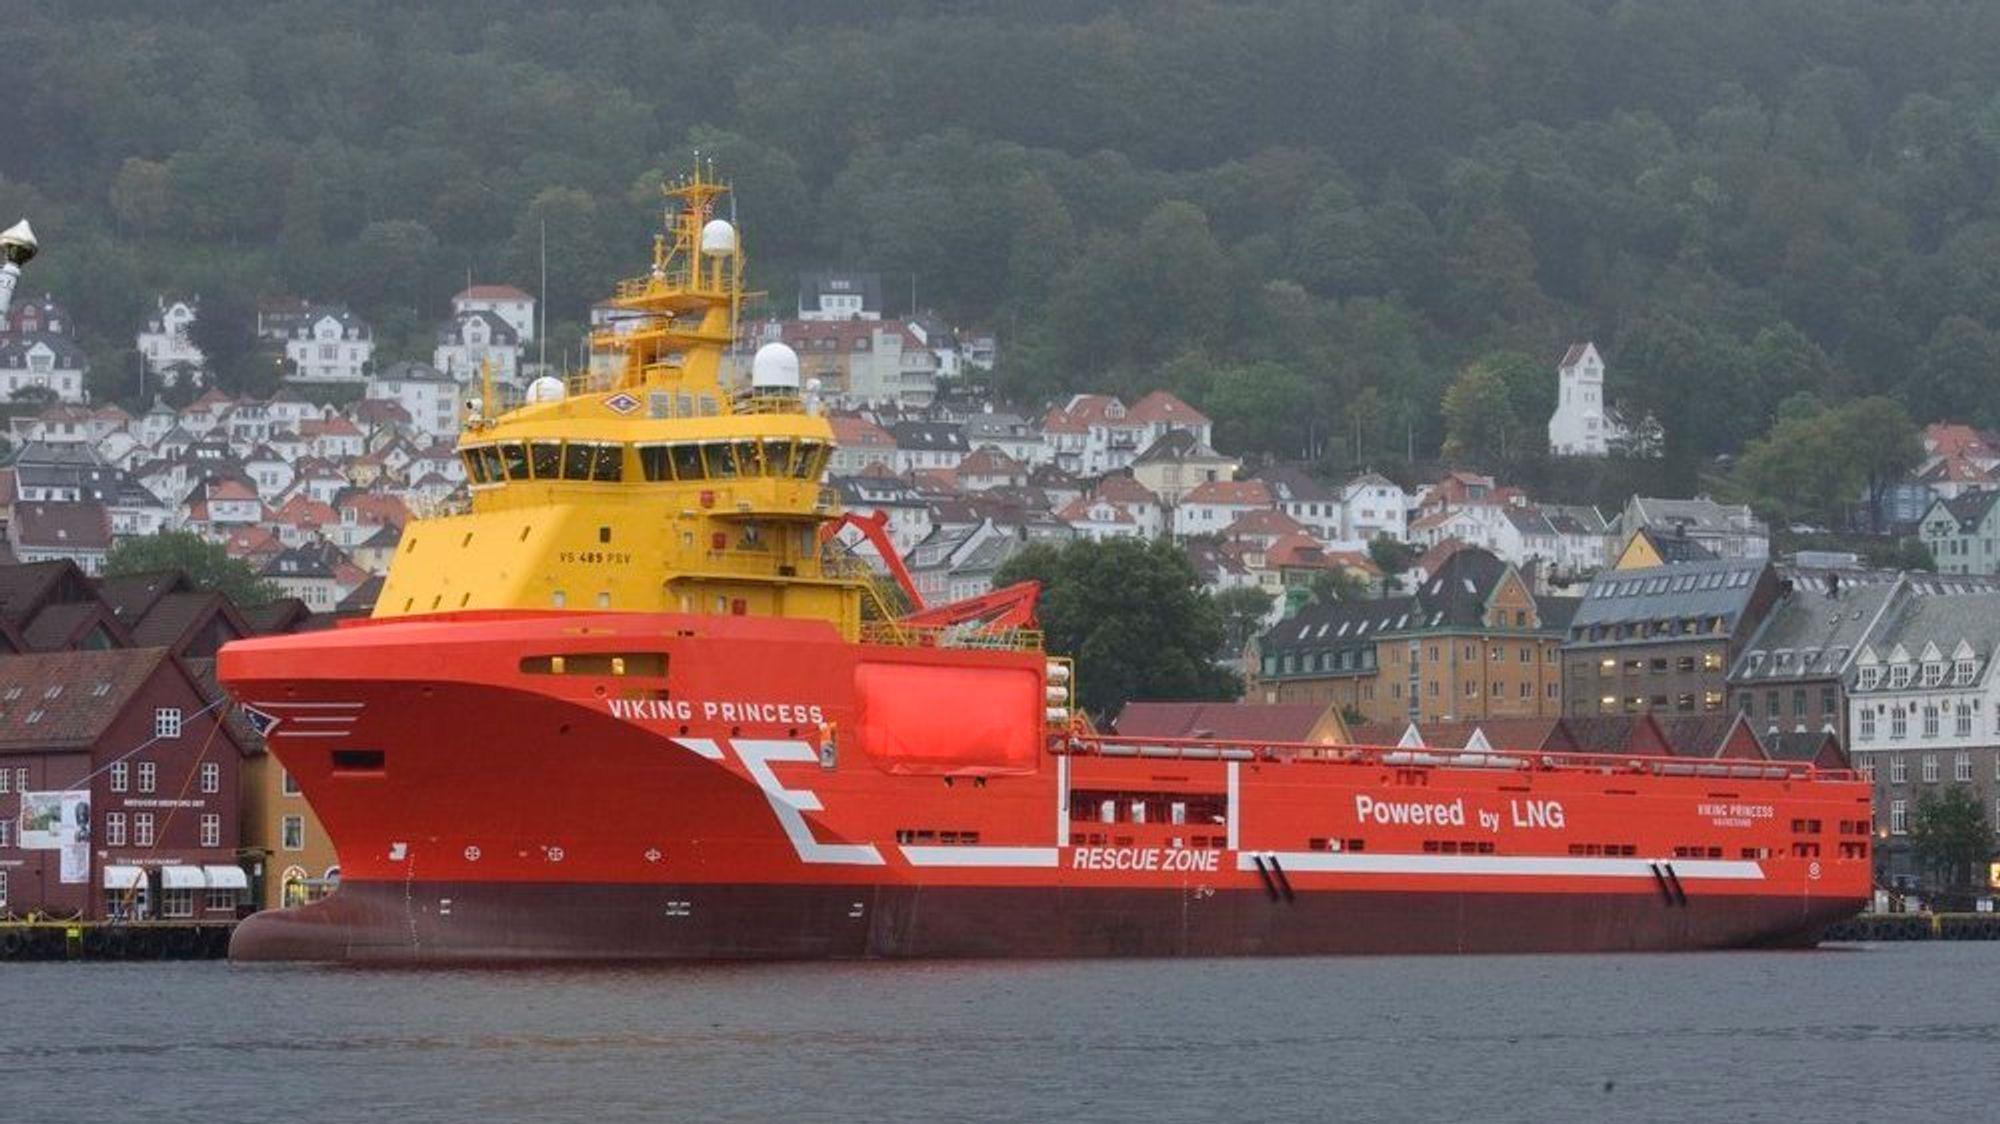 Viking Princess ble bygget på Kleven i 2012 og utstyrt med fire LNG-motorer fra Wärtsilä. Det 90 meter lange og 21 meter brede skipet ble døpt av HKH kronprinsesse Mette Marit. Nå er en motor koblet ut og erstattet av 533 kWh batteripakke.